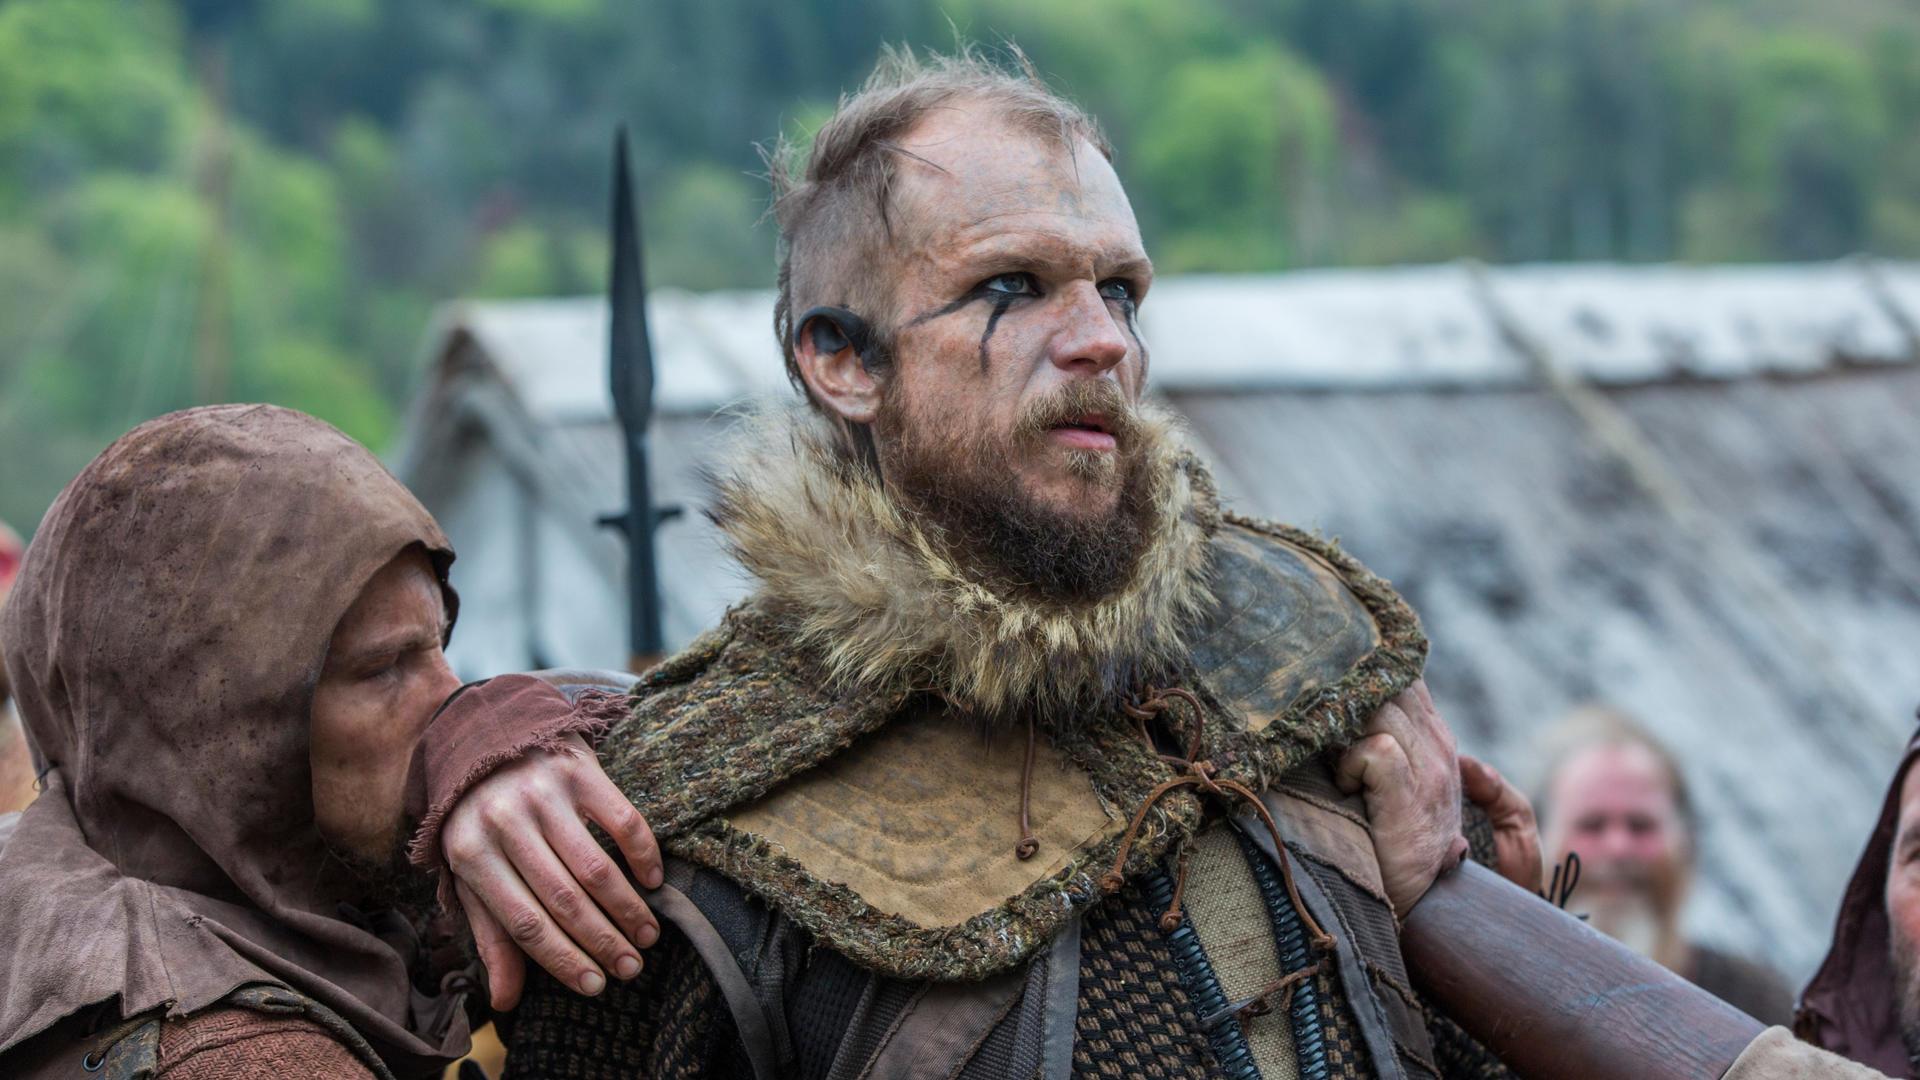 the vikings summary